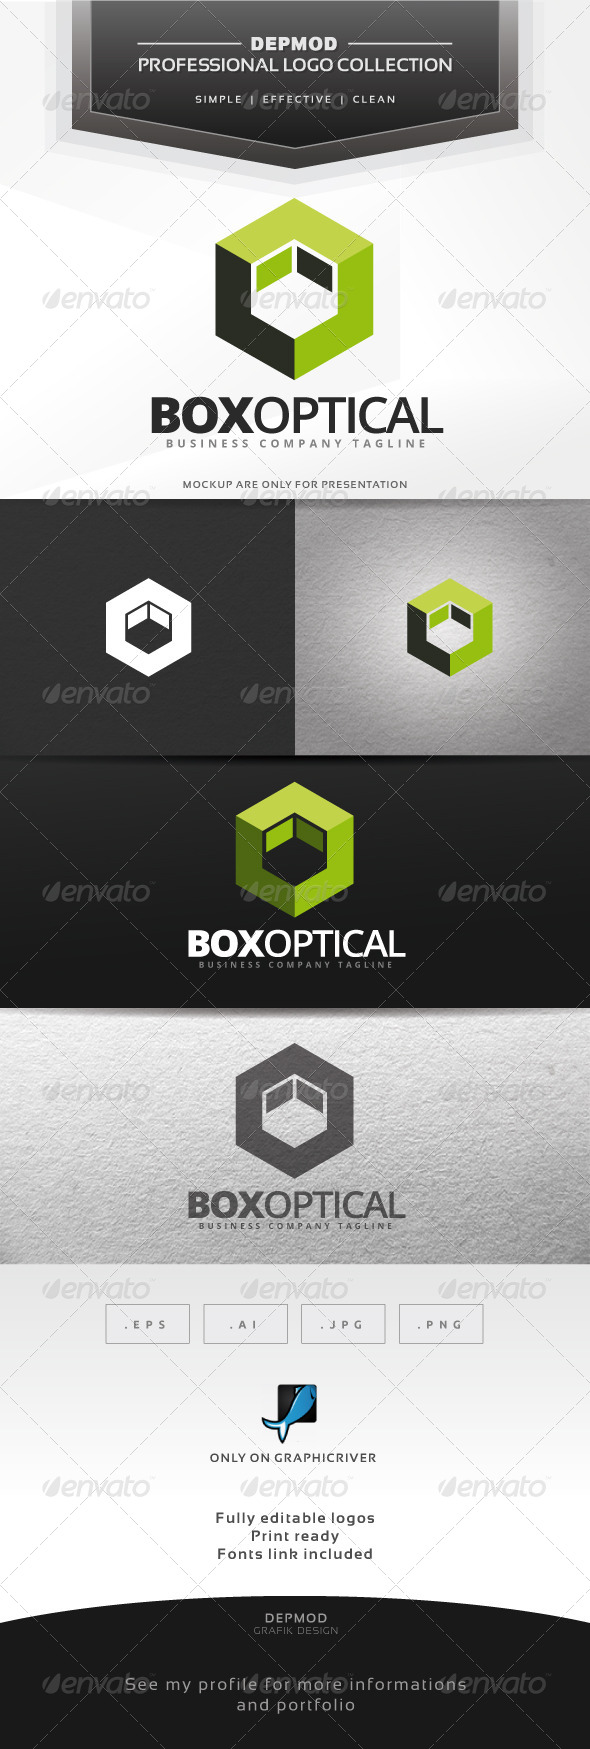 Box Optical Logo - Abstract Logo Templates